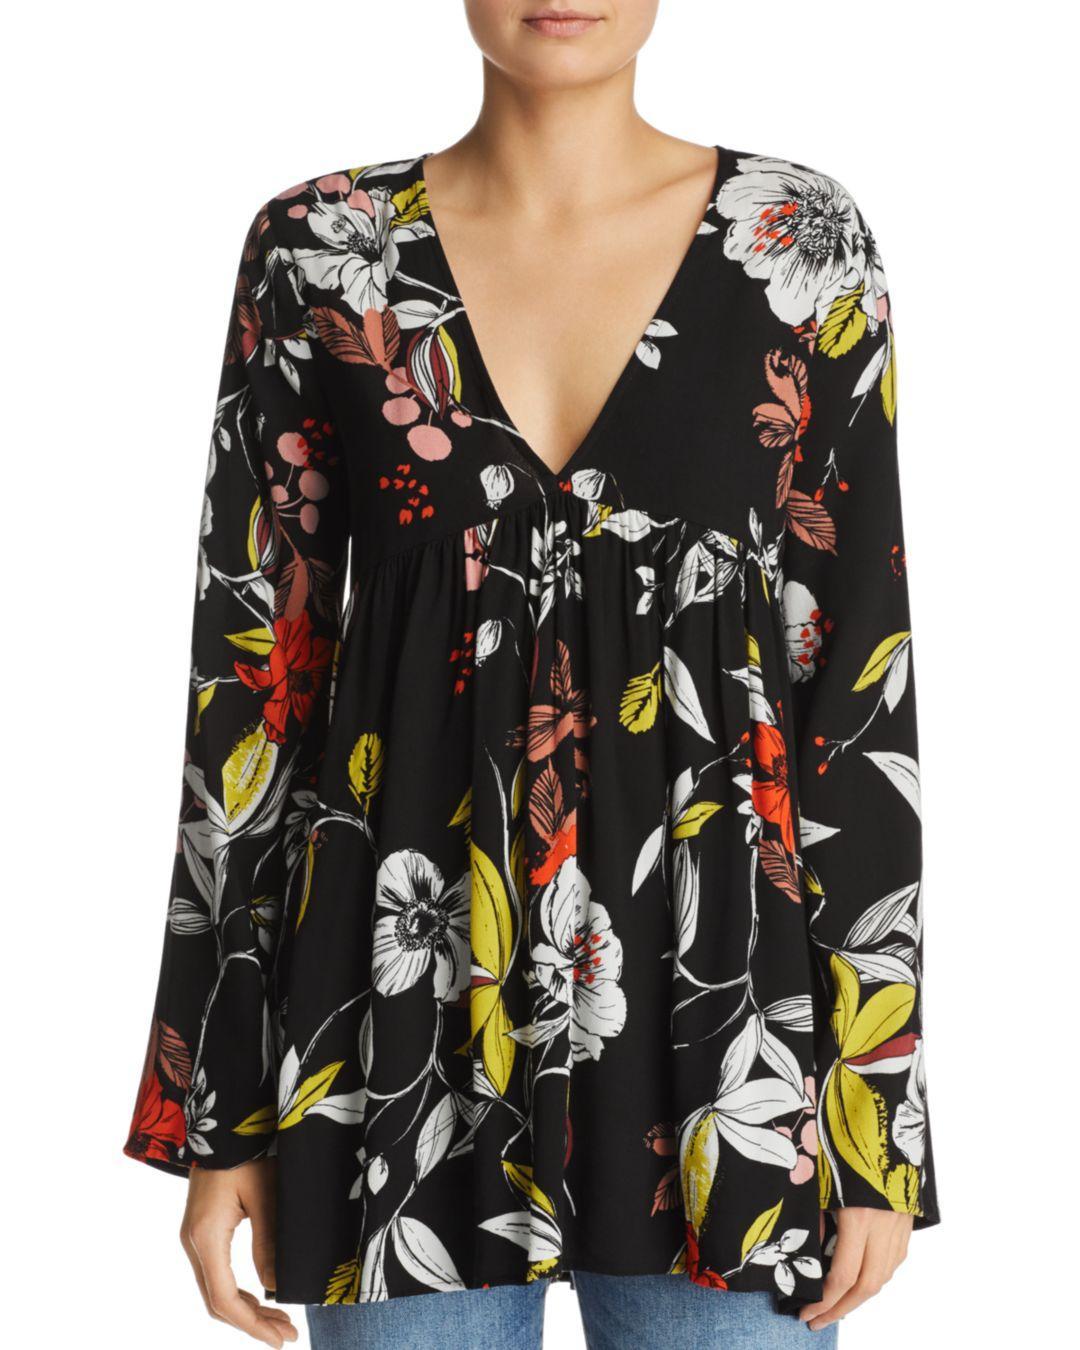 73dbba011c0 Free People Bella Floral - Print Tunic Mini Dress in Black - Lyst